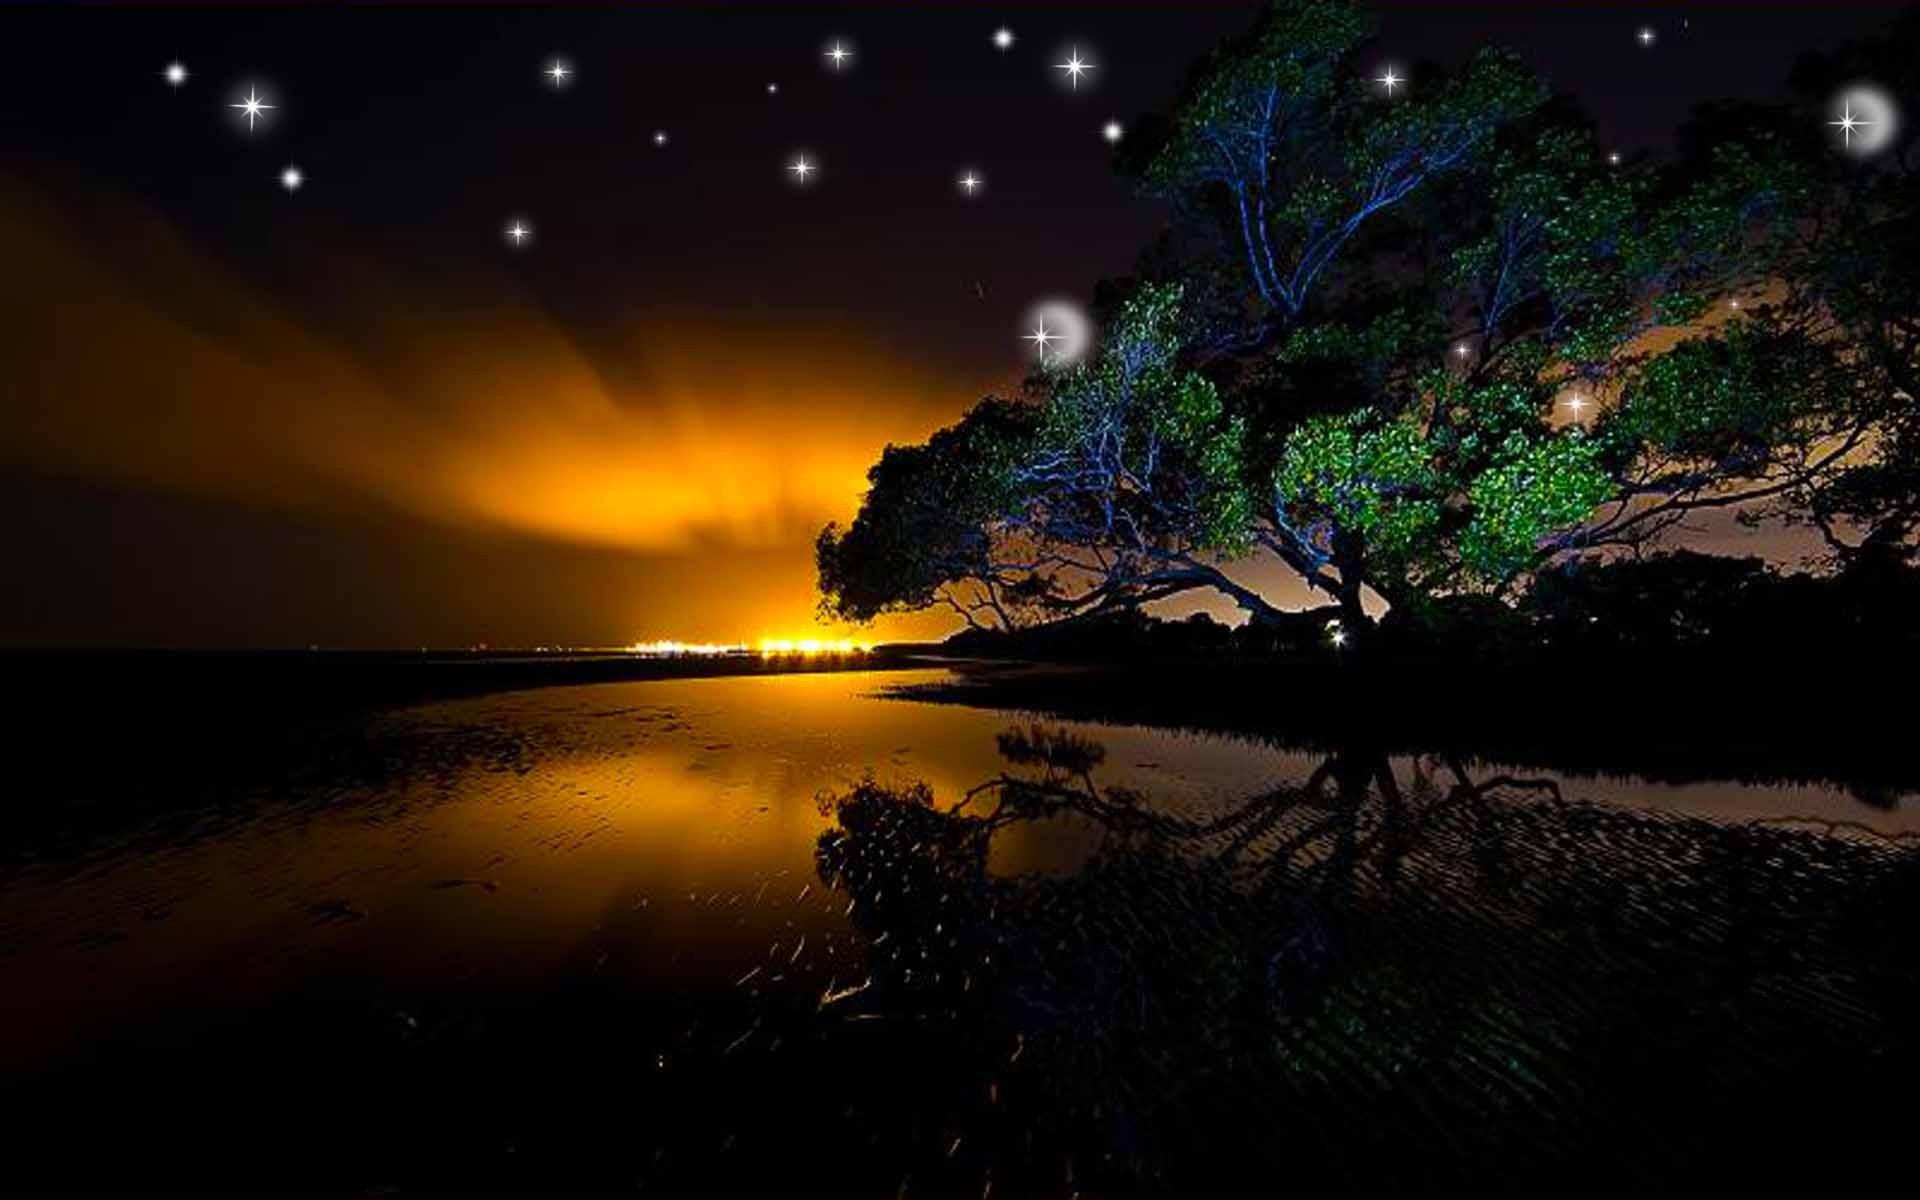 Картинки на телефон ночные пейзажи